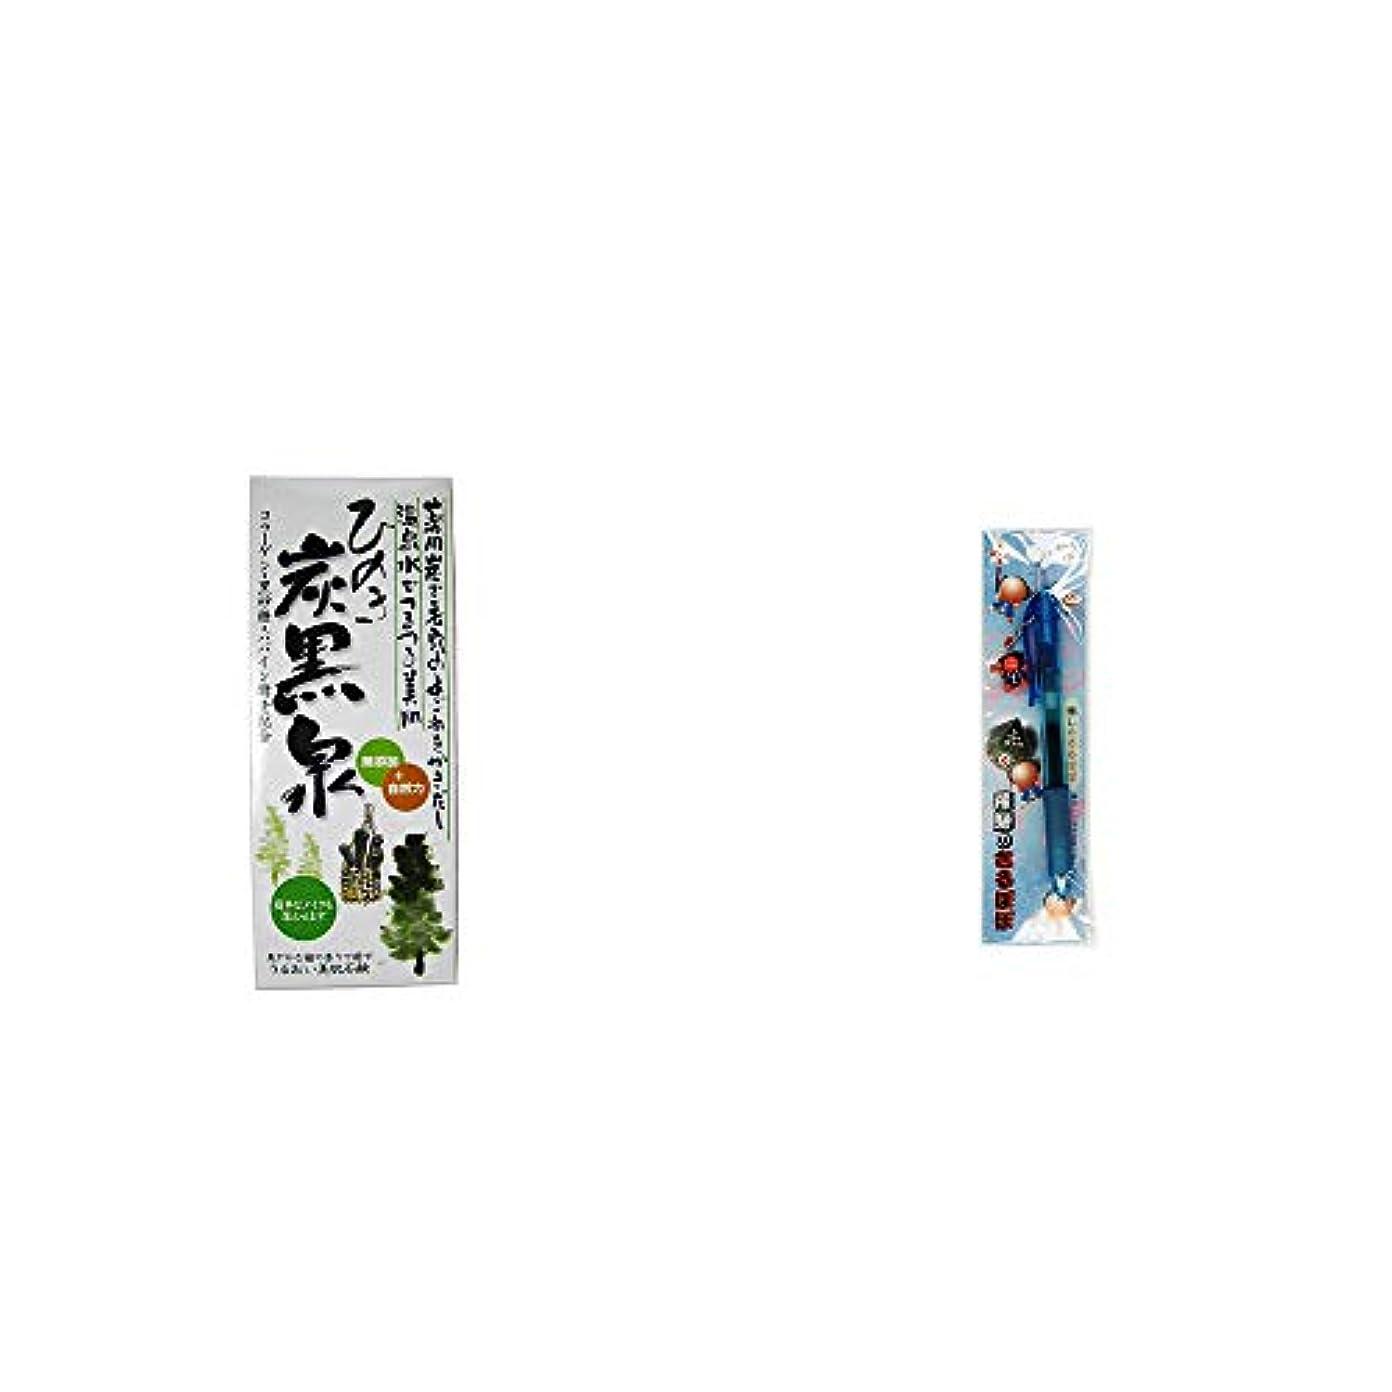 影響検出器不完全な[2点セット] ひのき炭黒泉 箱入り(75g×3)?さるぼぼ 癒しボールペン 【ブルー】